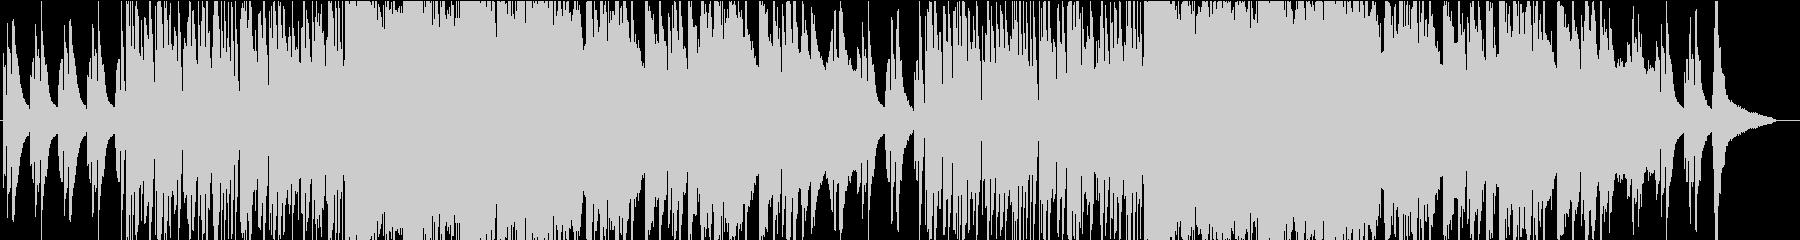 お洒落ジャジーなピアノとサックスのBGMの未再生の波形